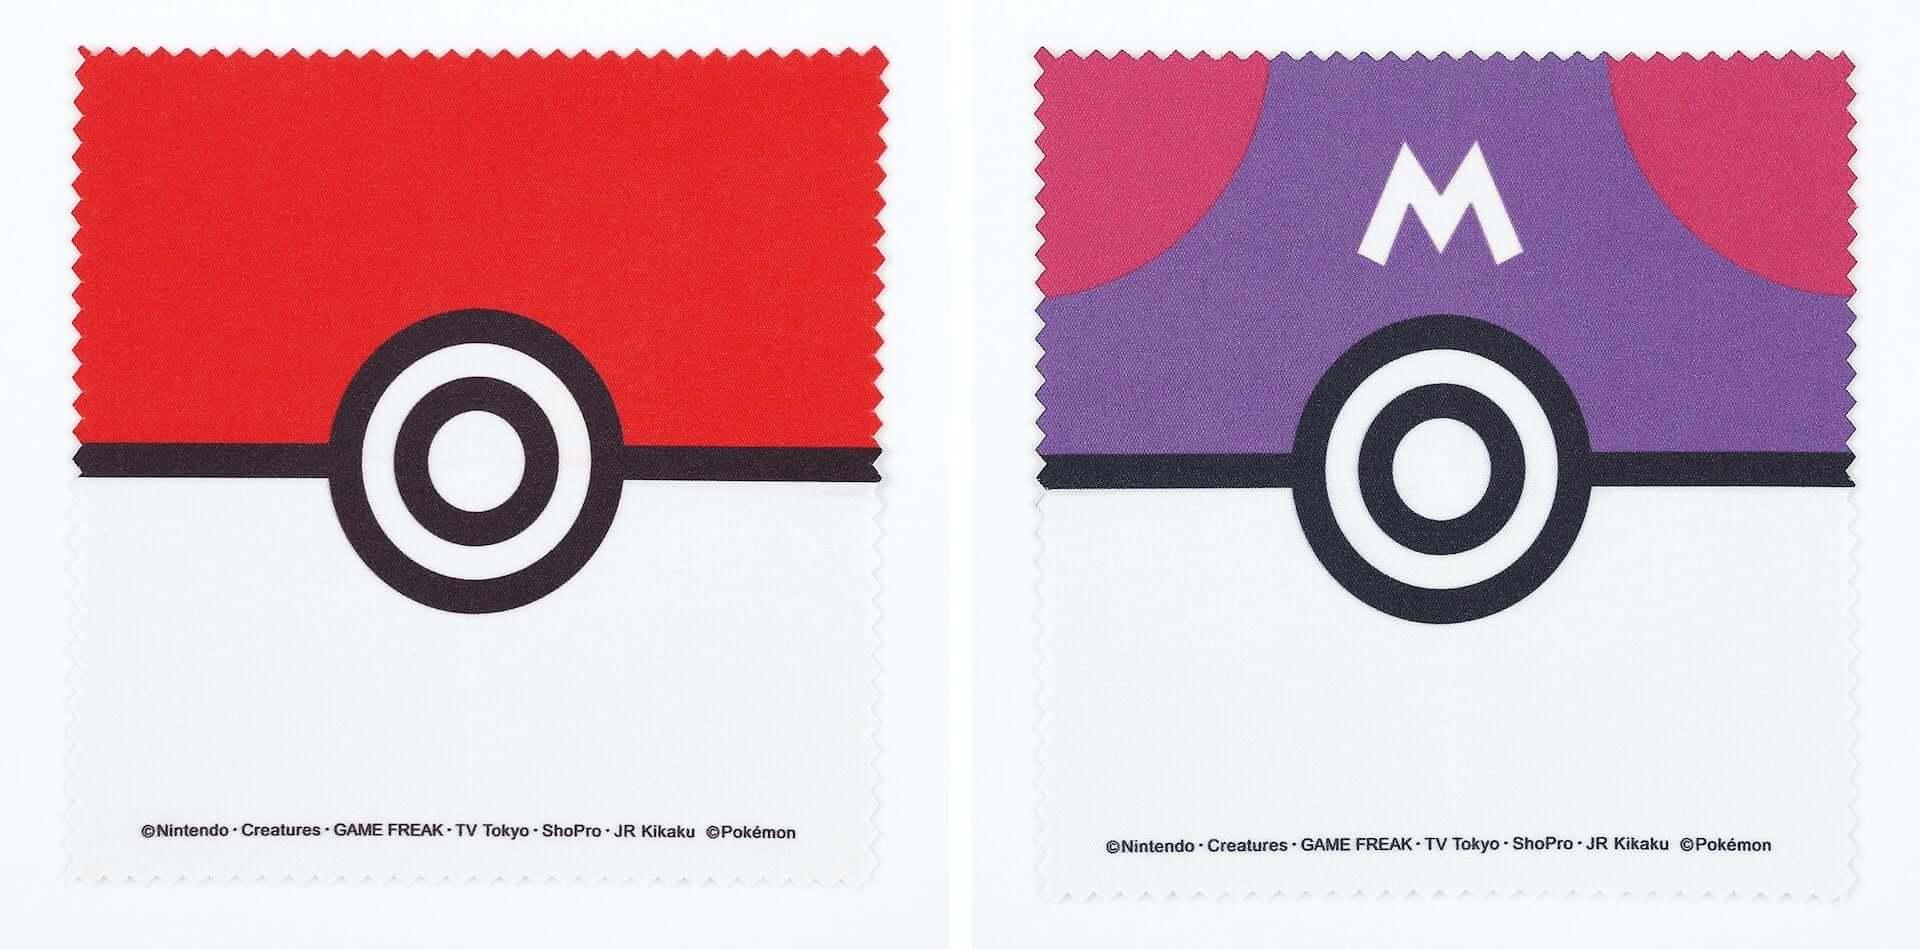 人気のポケモンがデザインされた「セイコーセレクション」特別モデルが登場!ピカチュウ、イーブイ、ミュウツーがモチーフの全4種展開 tech201120_pokemon-seiko_6-1920x949